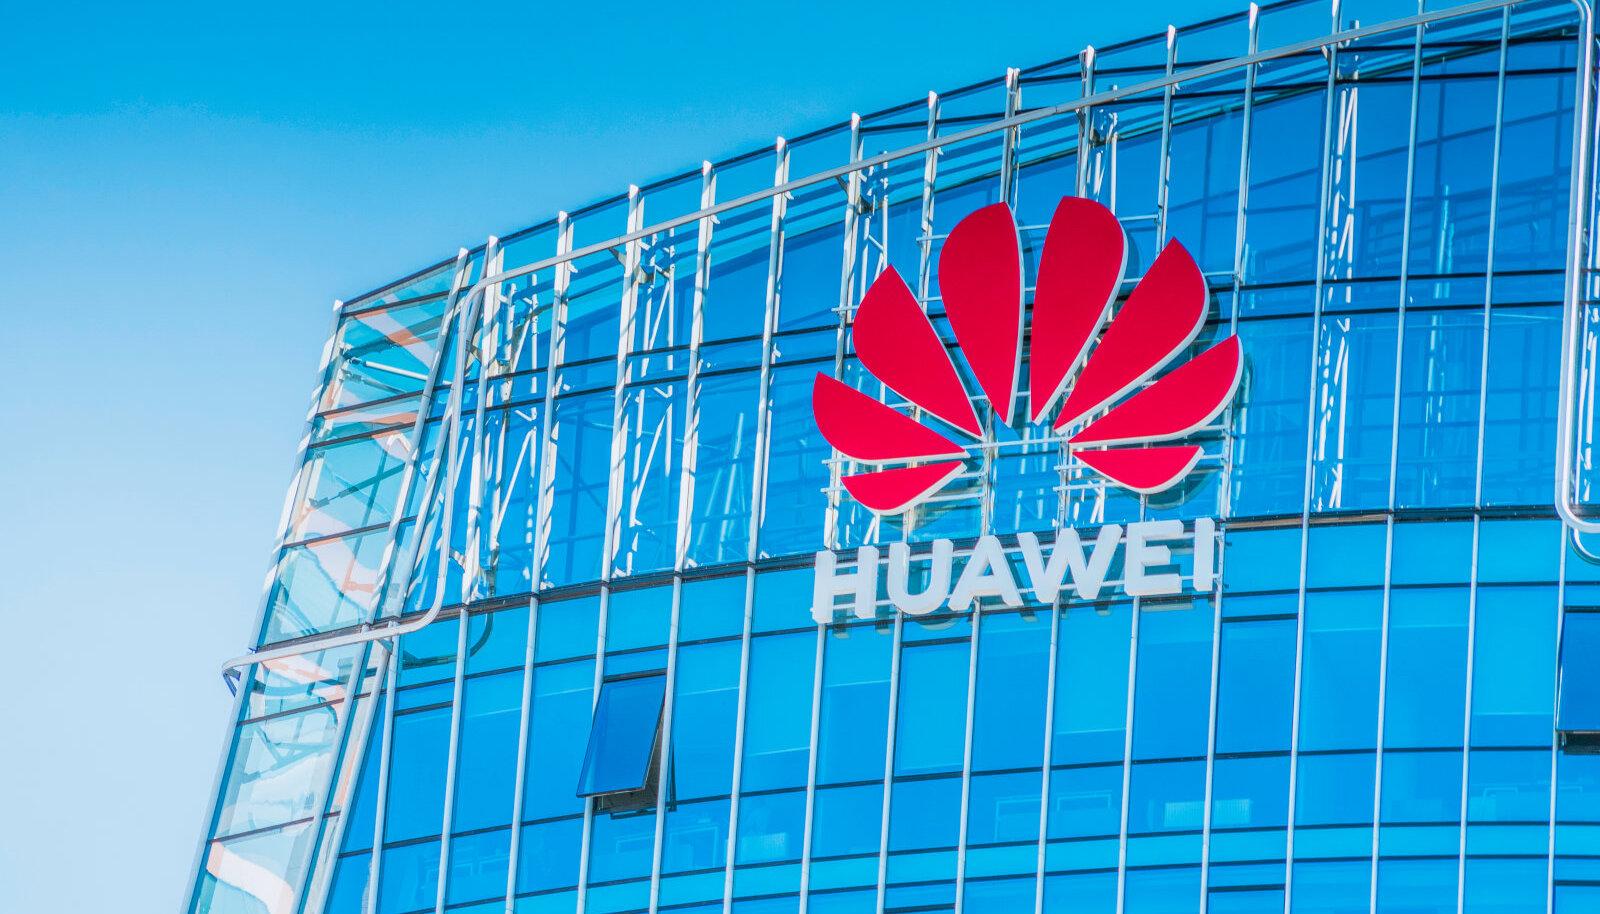 SUUR HIINA PISIKESES balti riigis: Huawei kontor Leedu pealinnas Vilniuses.